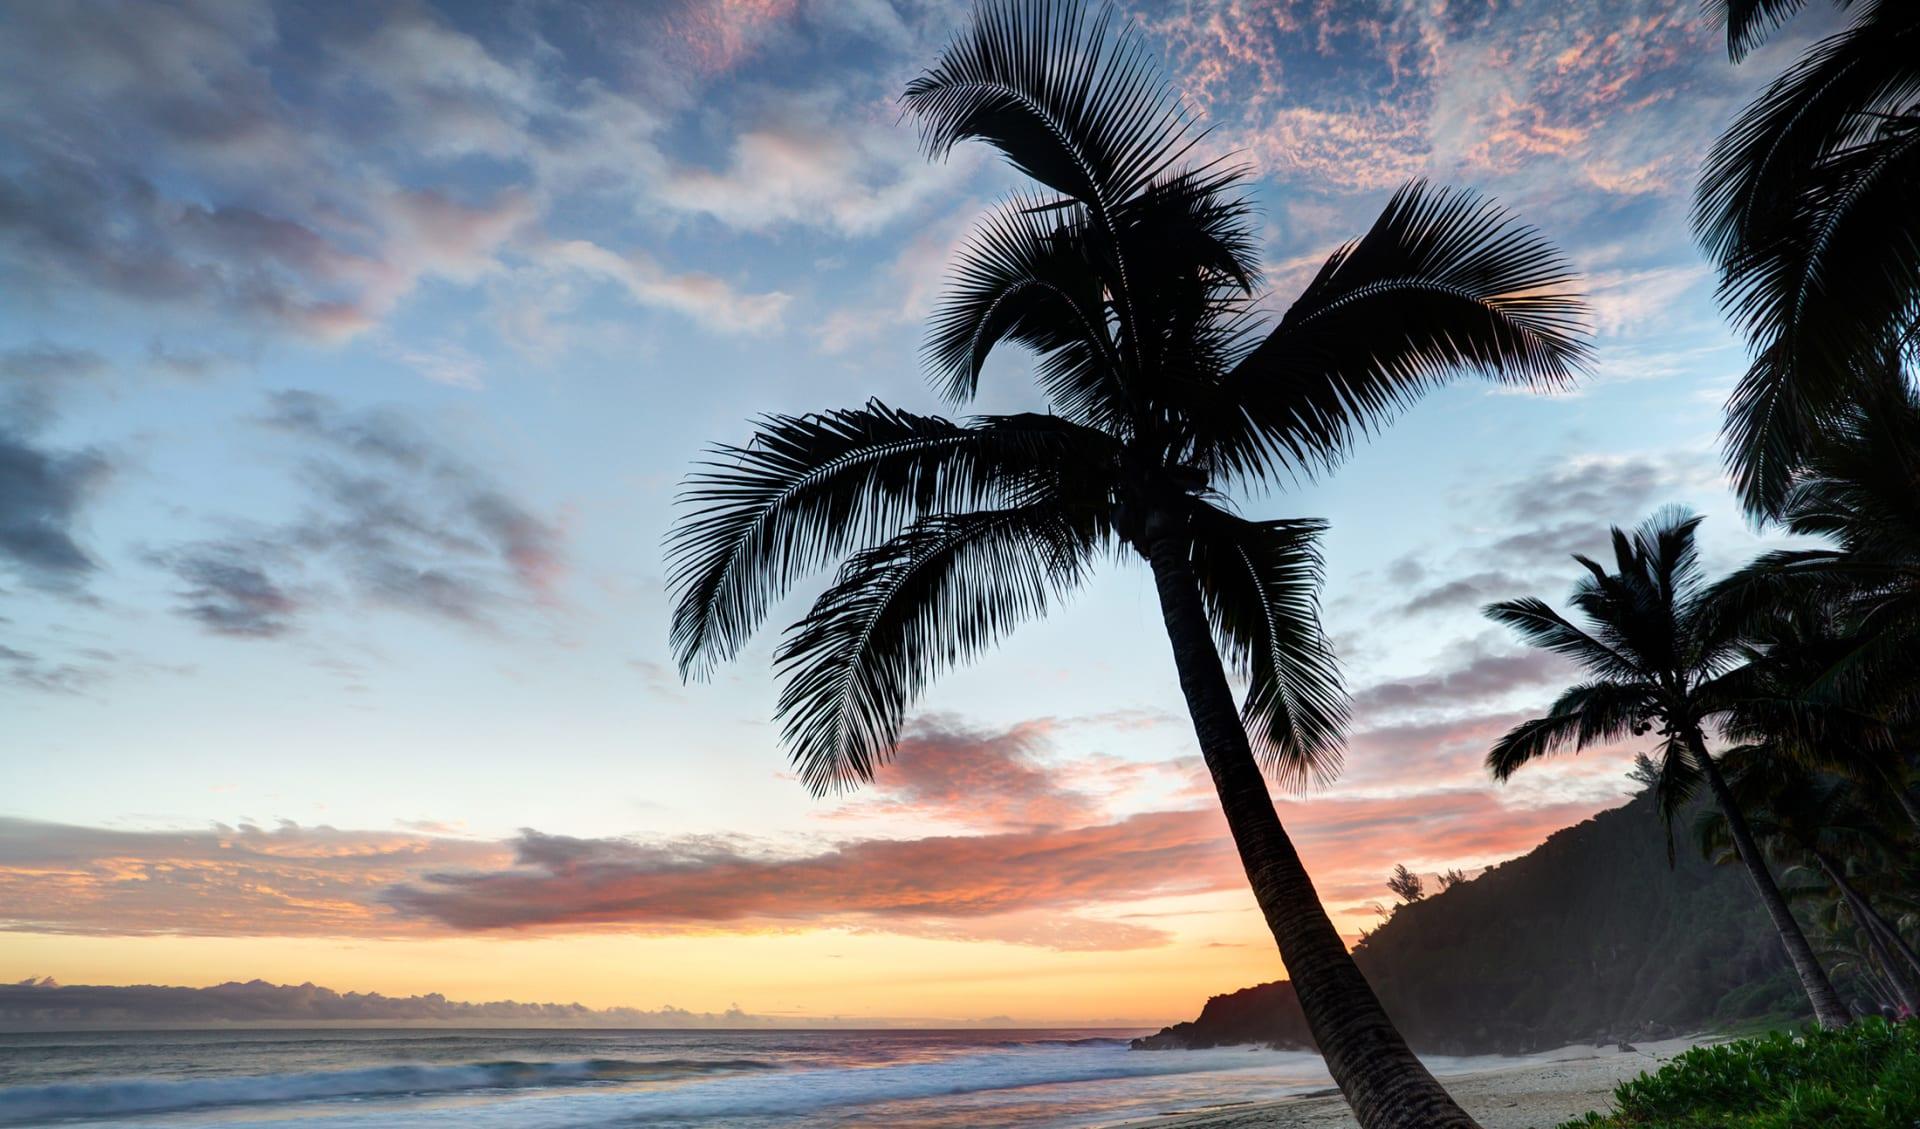 Aktivferien, Strand, Sonnenuntergang, La Reunion